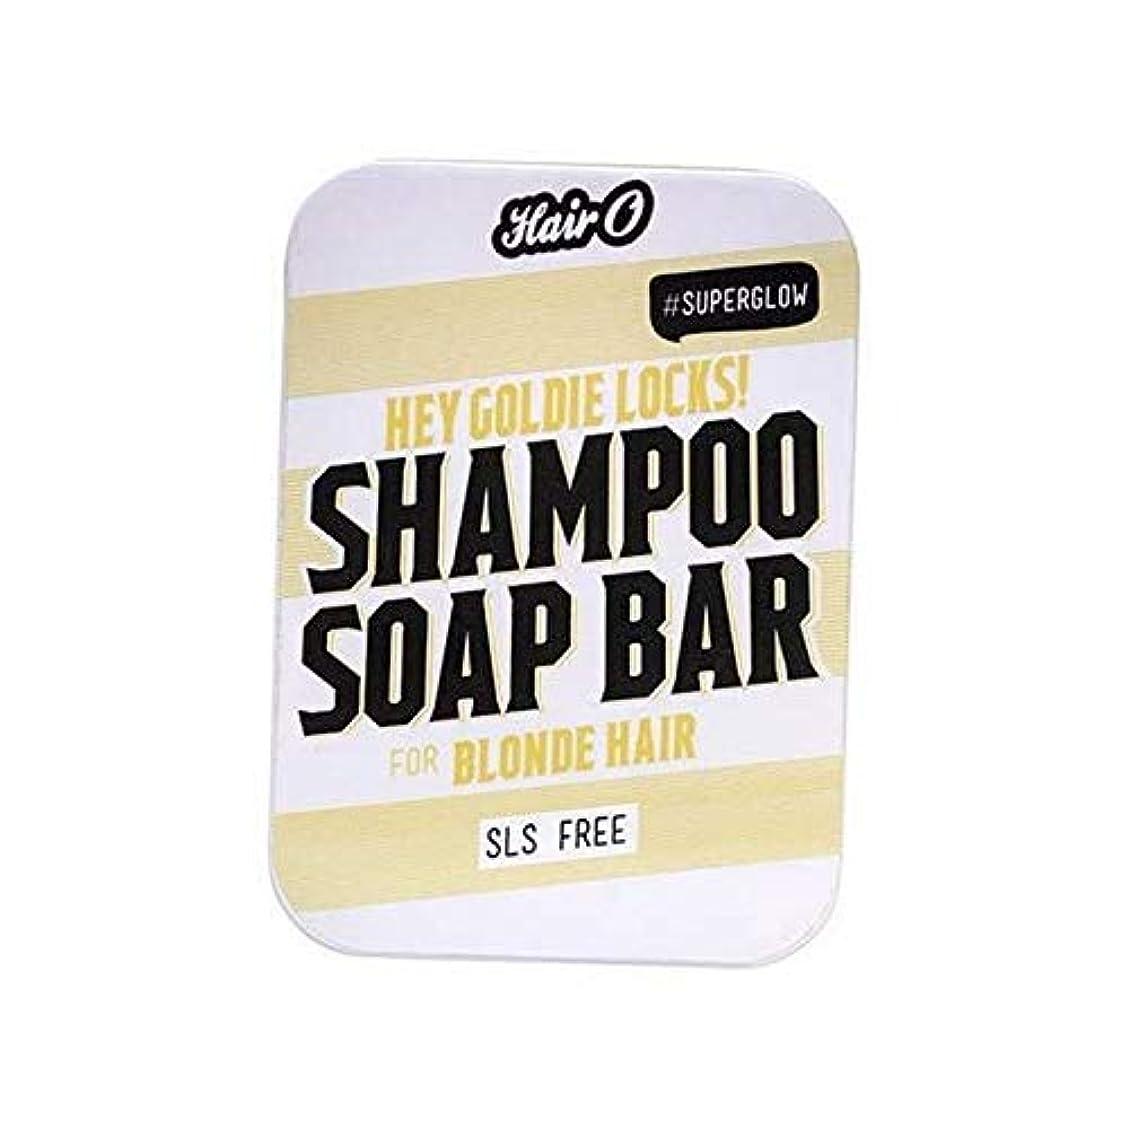 遺伝子あえて置くためにパック[Hair O ] 髪Oちょっとゴールディロックシャンプー石鹸バー100グラム - Hair O Hey Goldie Locks Shampoo Soap Bar 100g [並行輸入品]